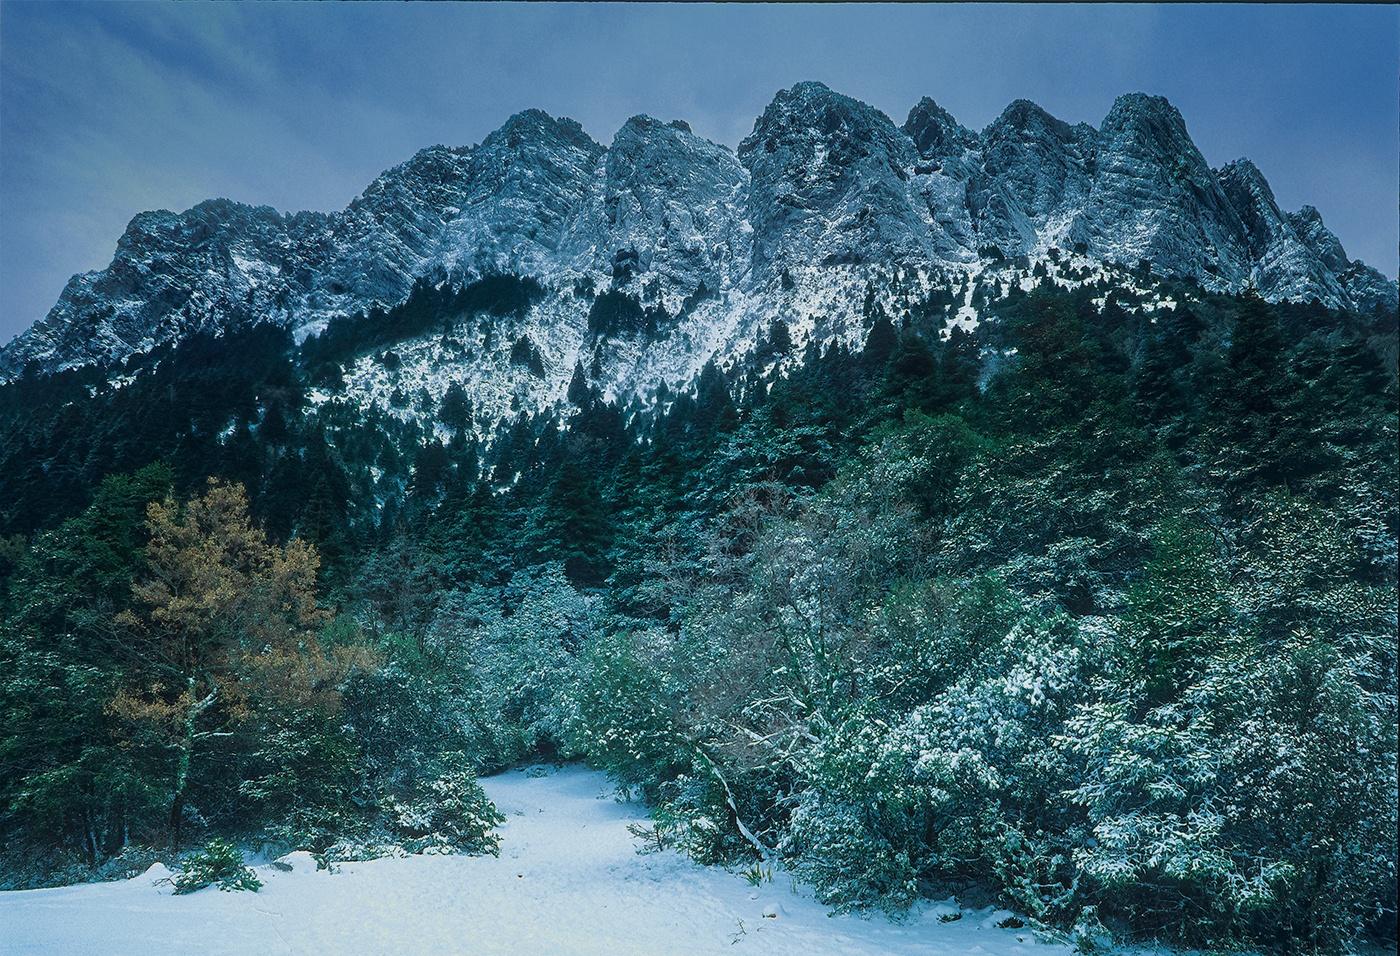 Sierra de Grazalema - Waldeinsamkeit - Peter Manschot Al Andalus Photo Tour, Landscape photography photos prints workshops Andalusia Spain